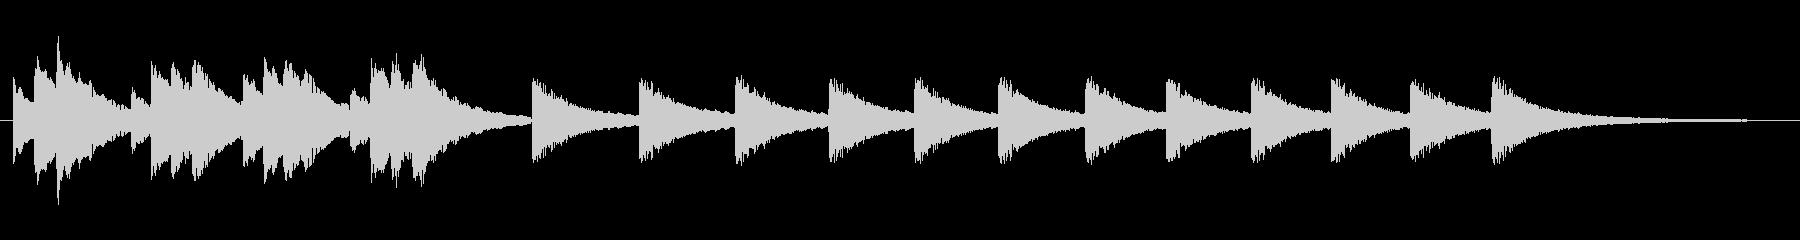 ベルチャーチトゥエルブ-ウィンザー...の未再生の波形